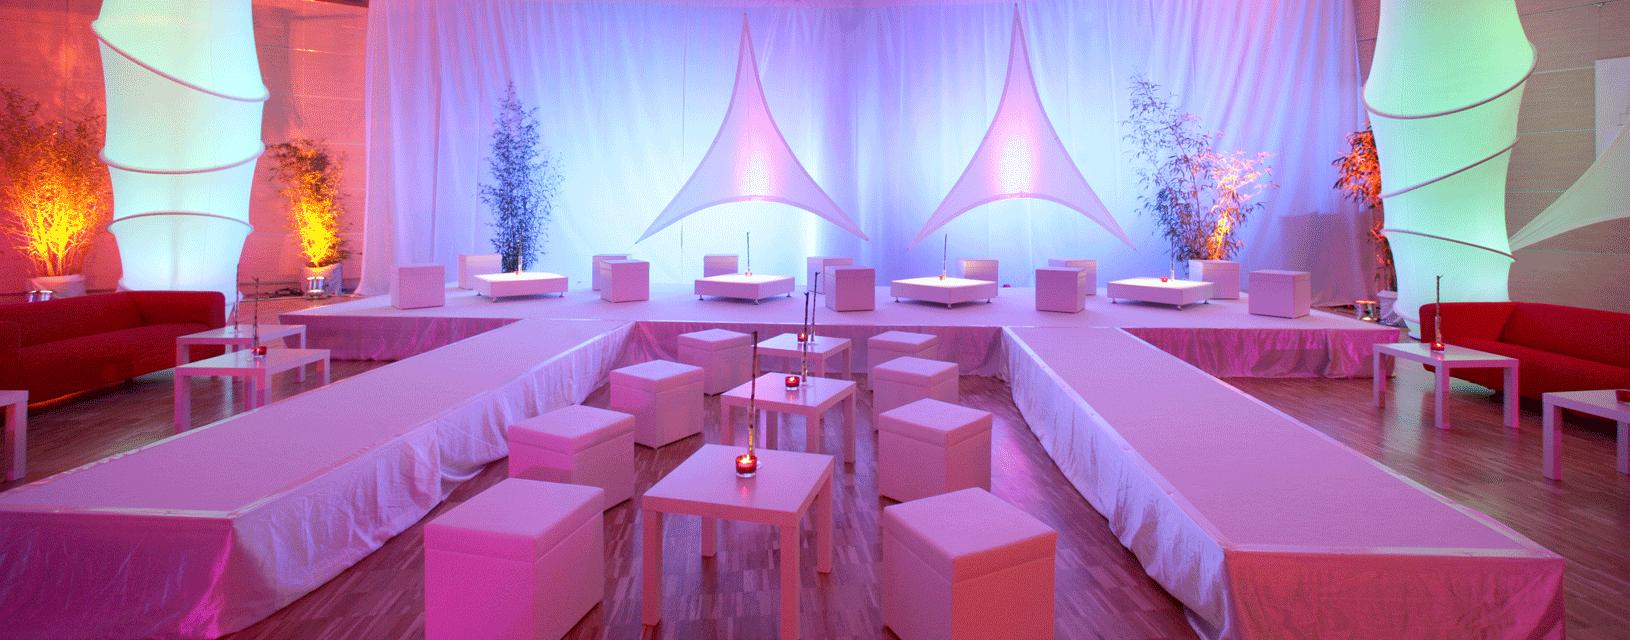 event-agentur-konstanz-lounge